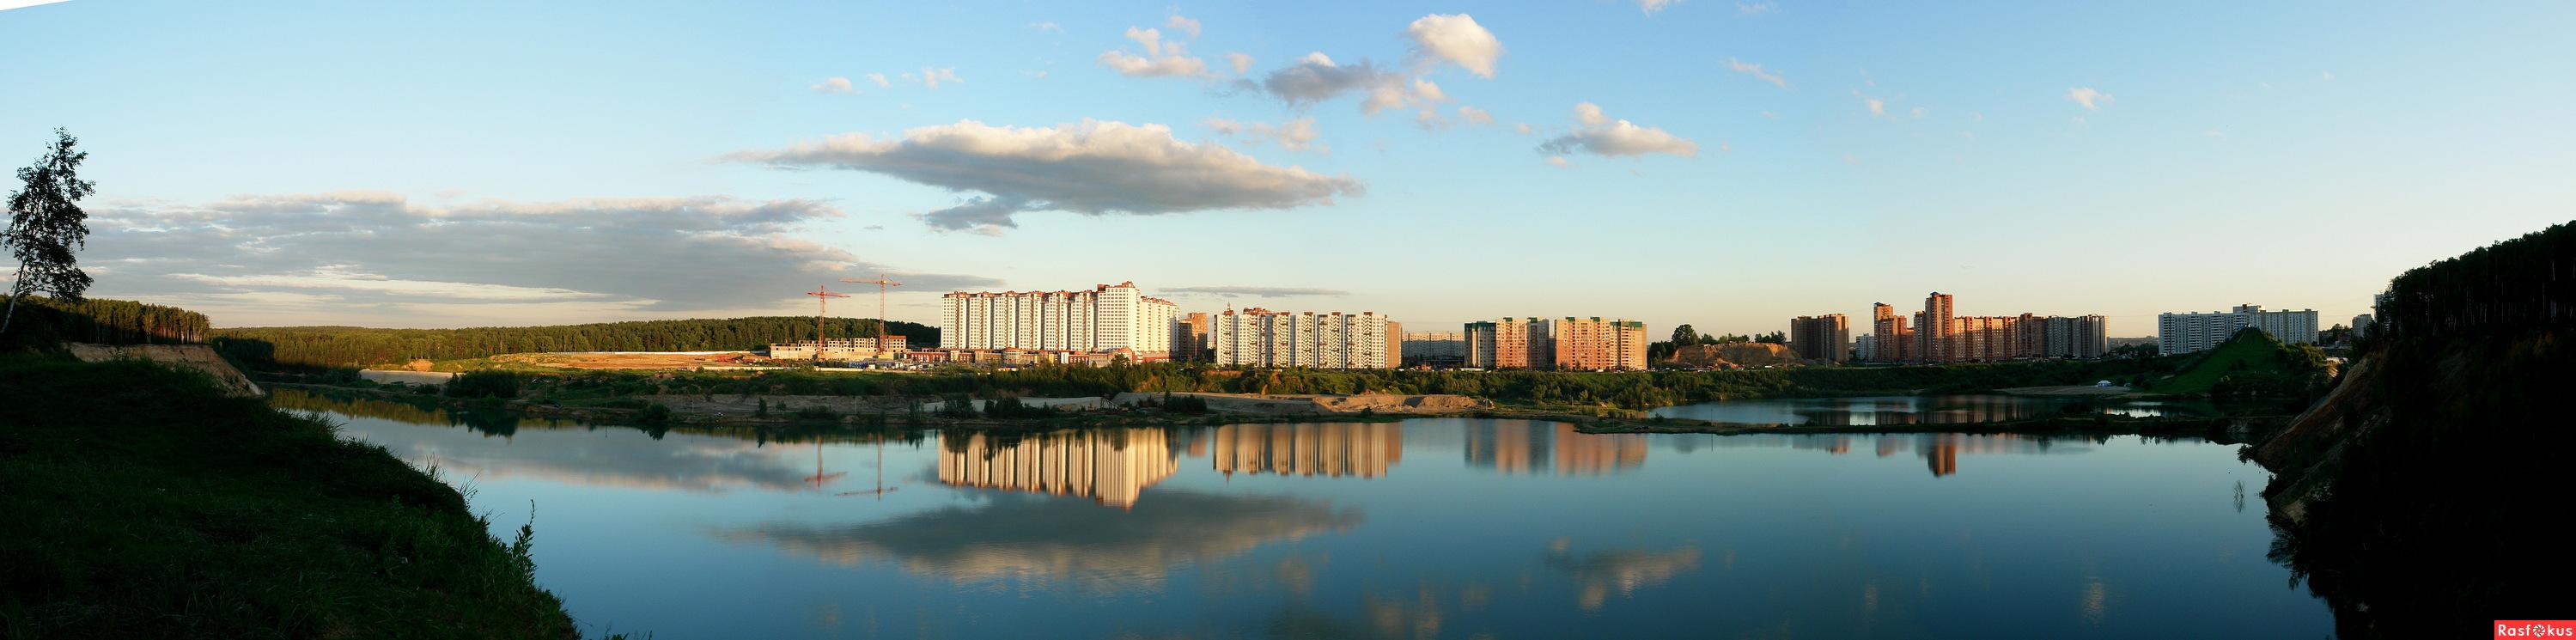 область гдзержинский московская